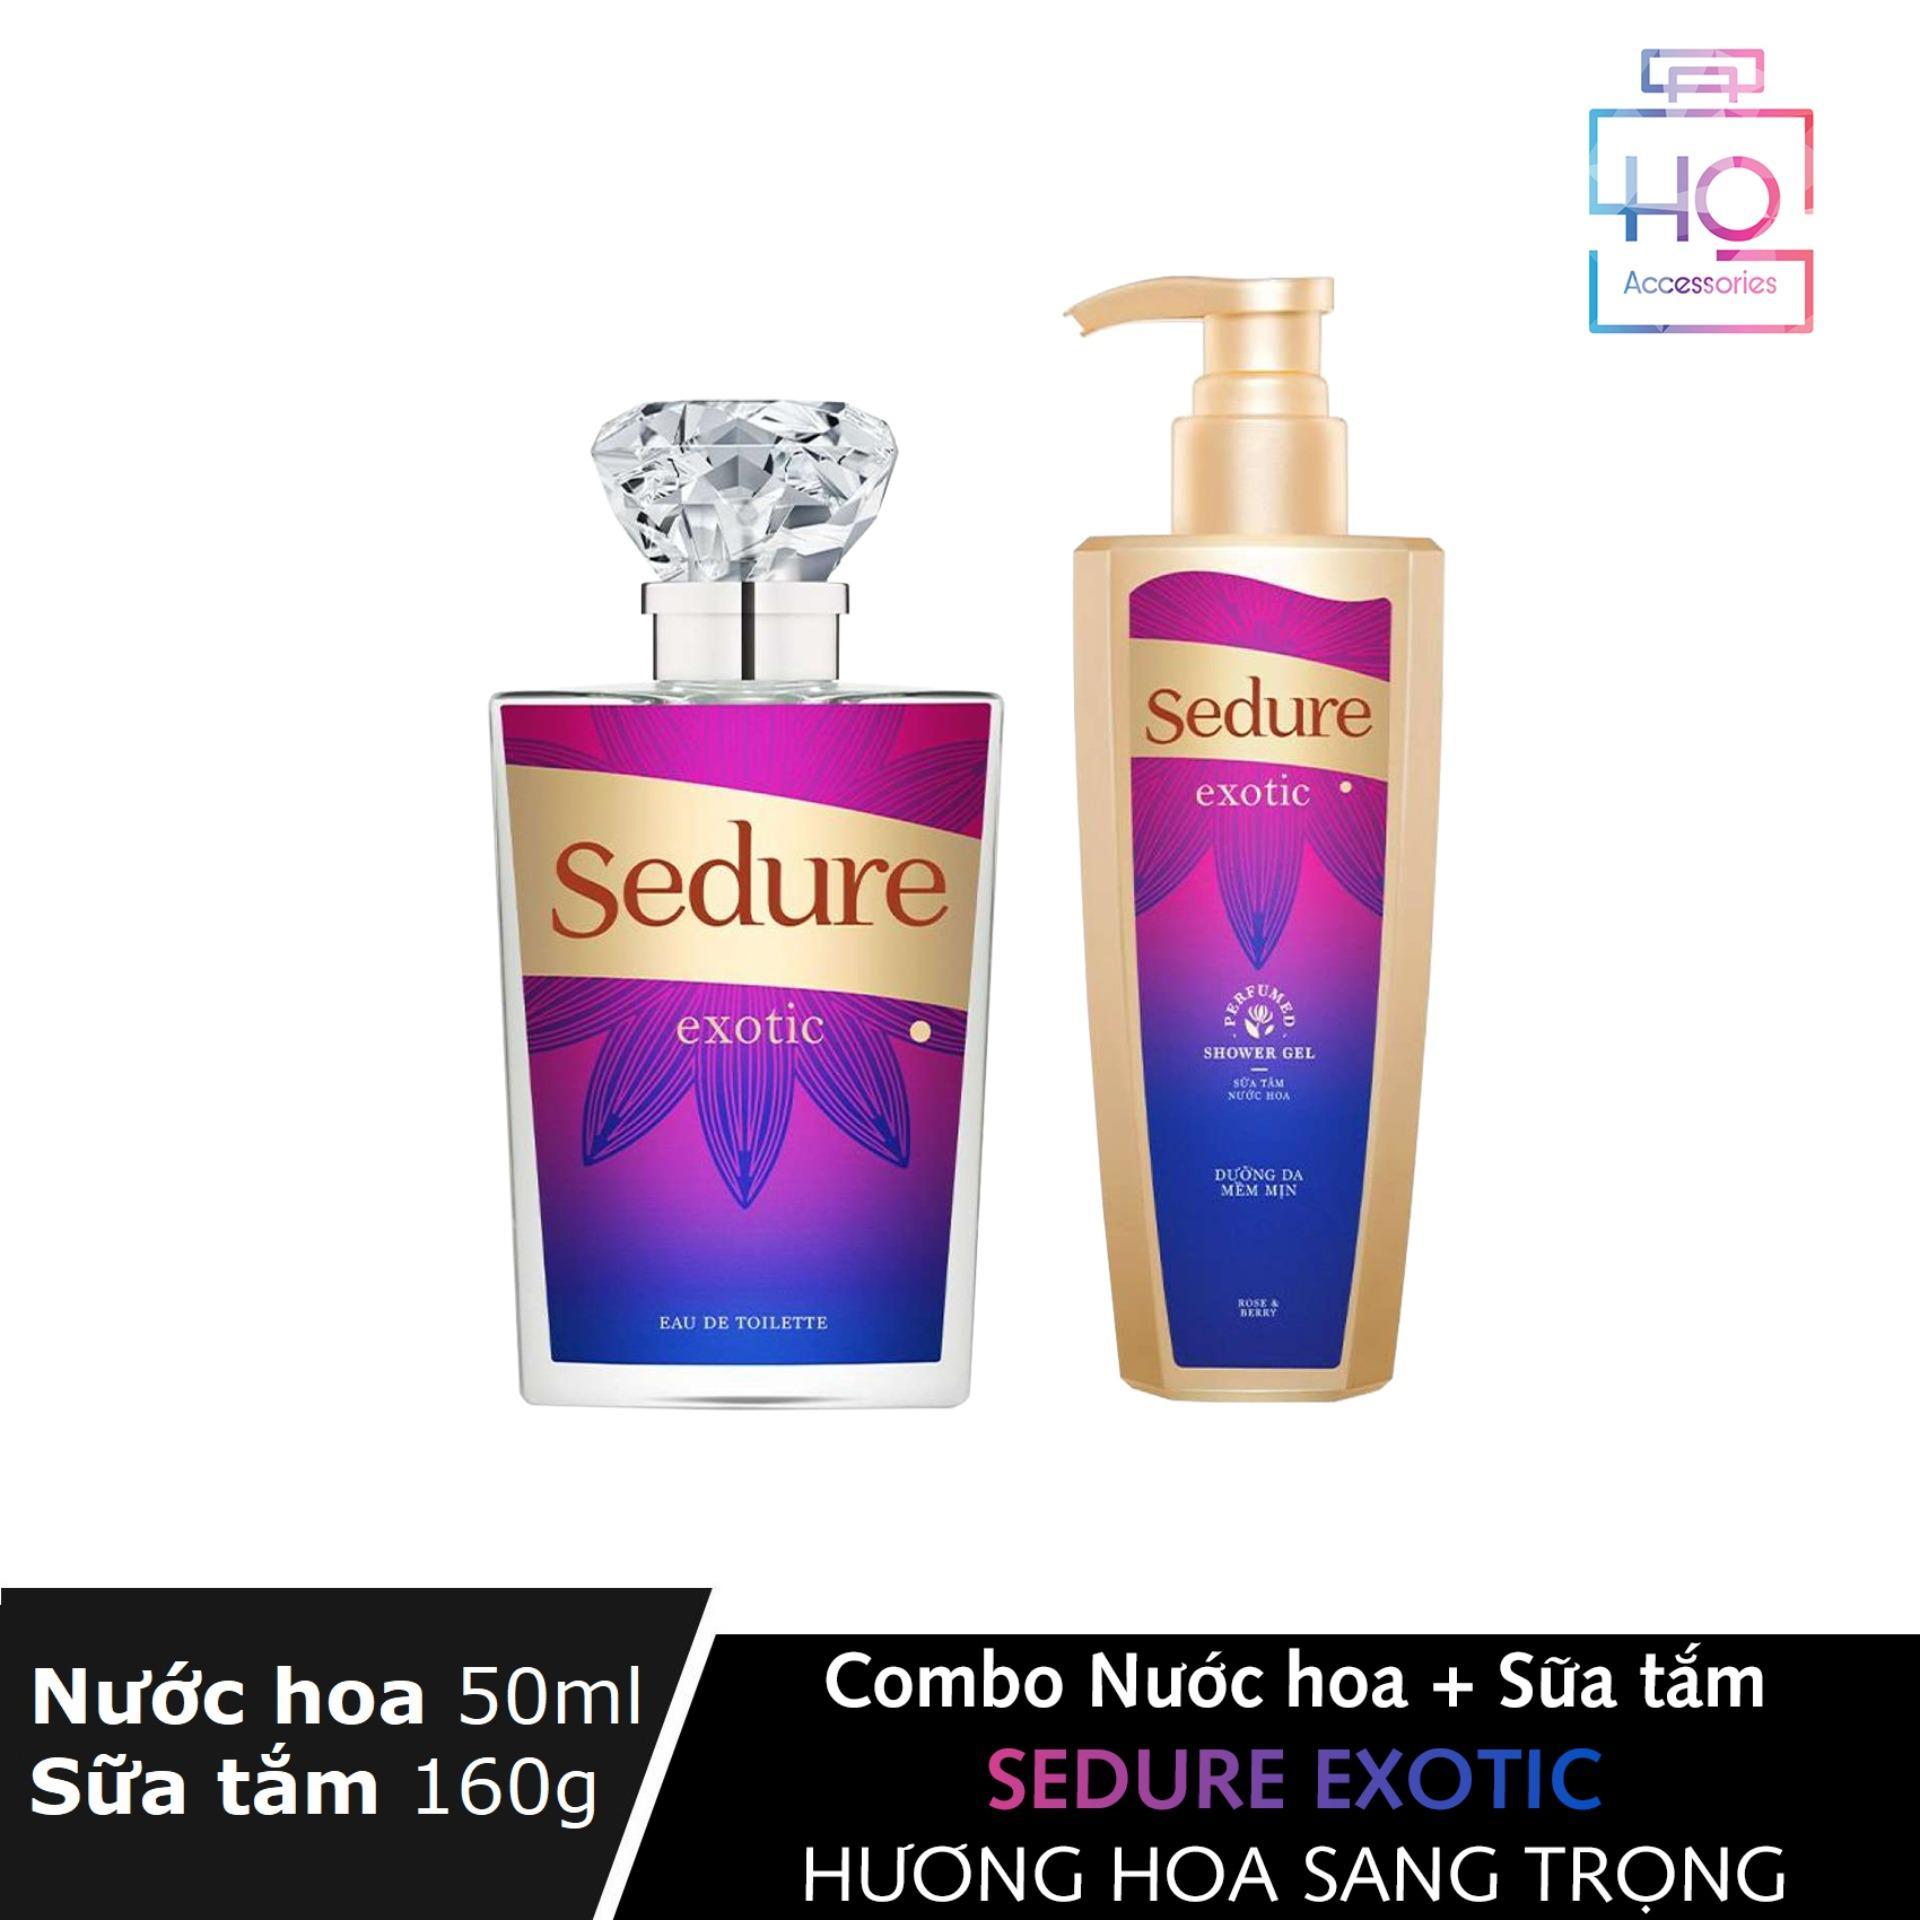 Combo 2 món tiện lợi Nước hoa 50ml + Sữa tắm Nước hoa 160g Sedure Exotic hương hoa sang trọng